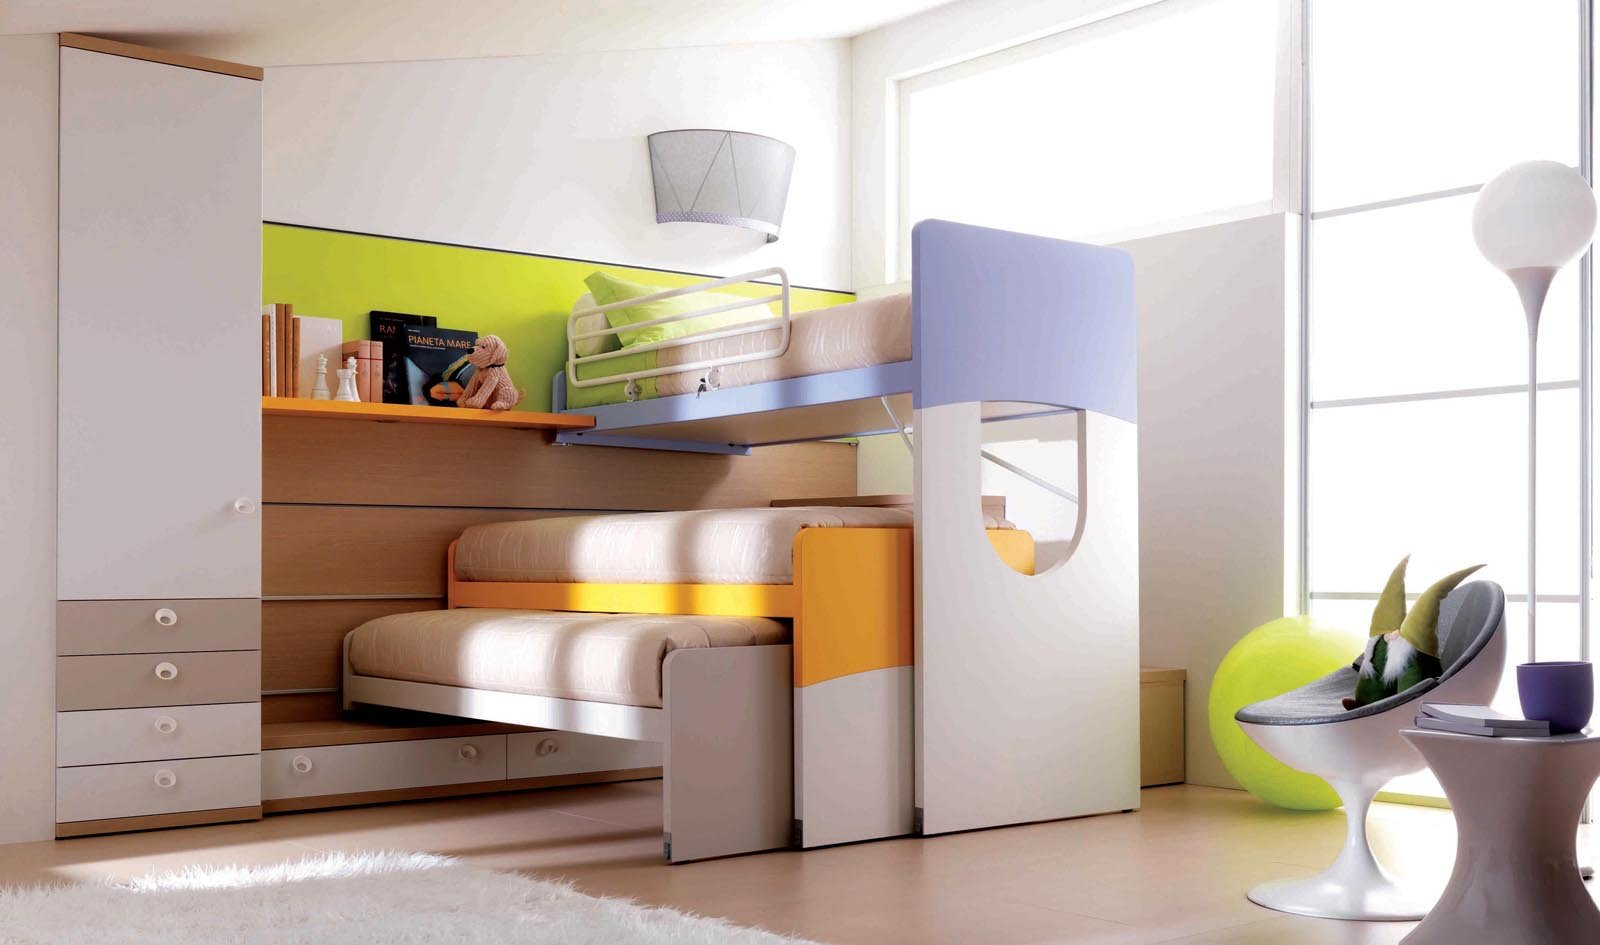 Camerette funzionalit a misura di bambino cose di casa for Poco costoso per costruire piani di casa